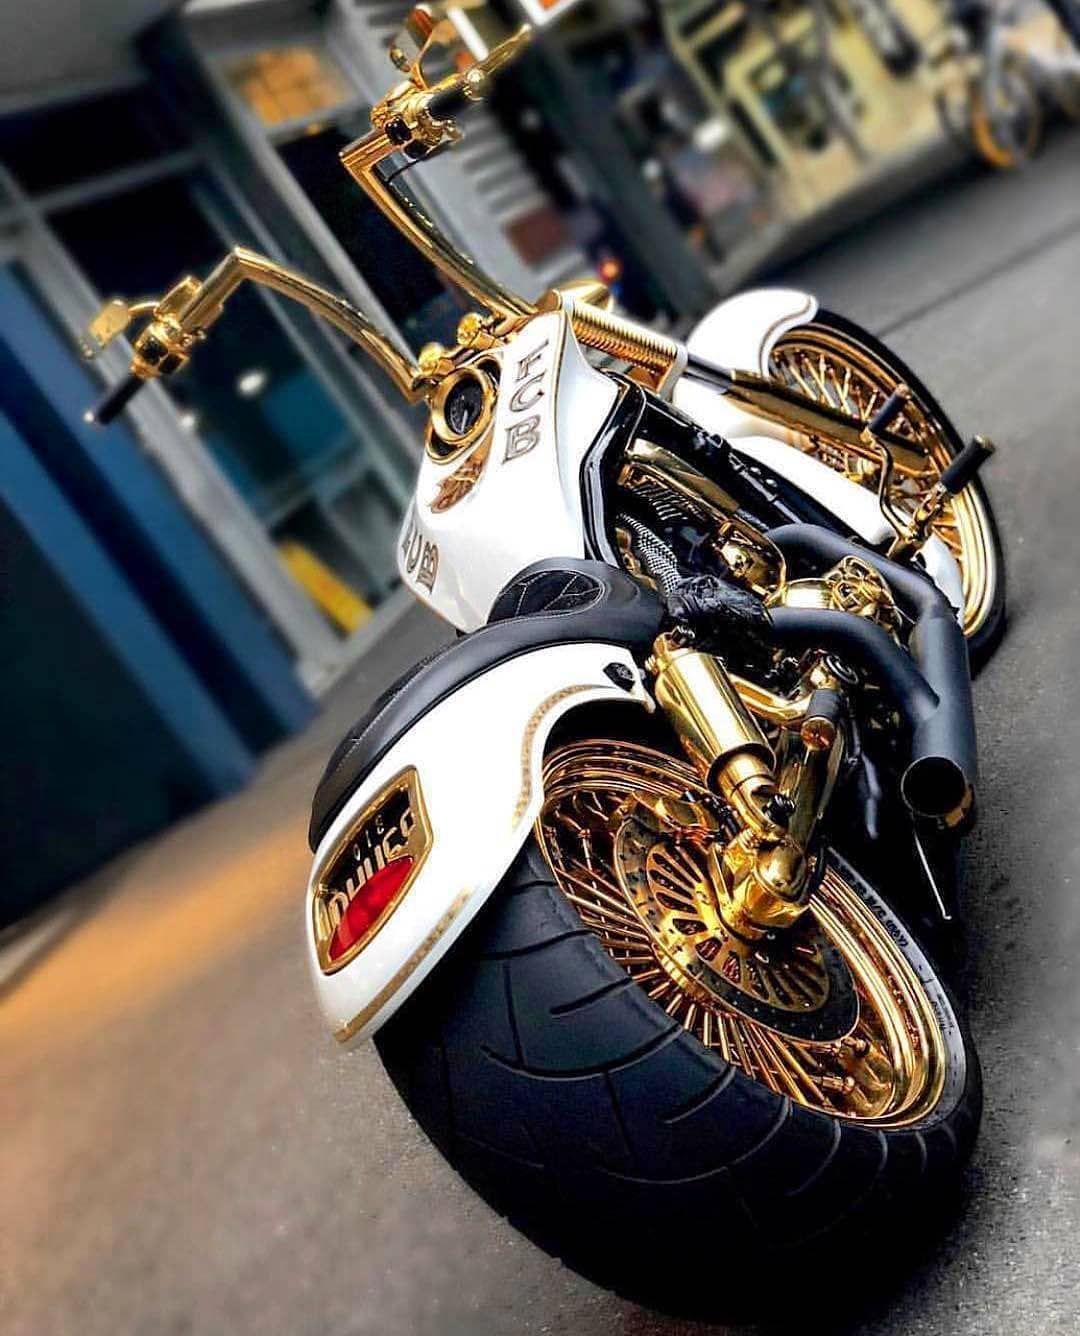 можно бугатти мотоциклы фото замечательное